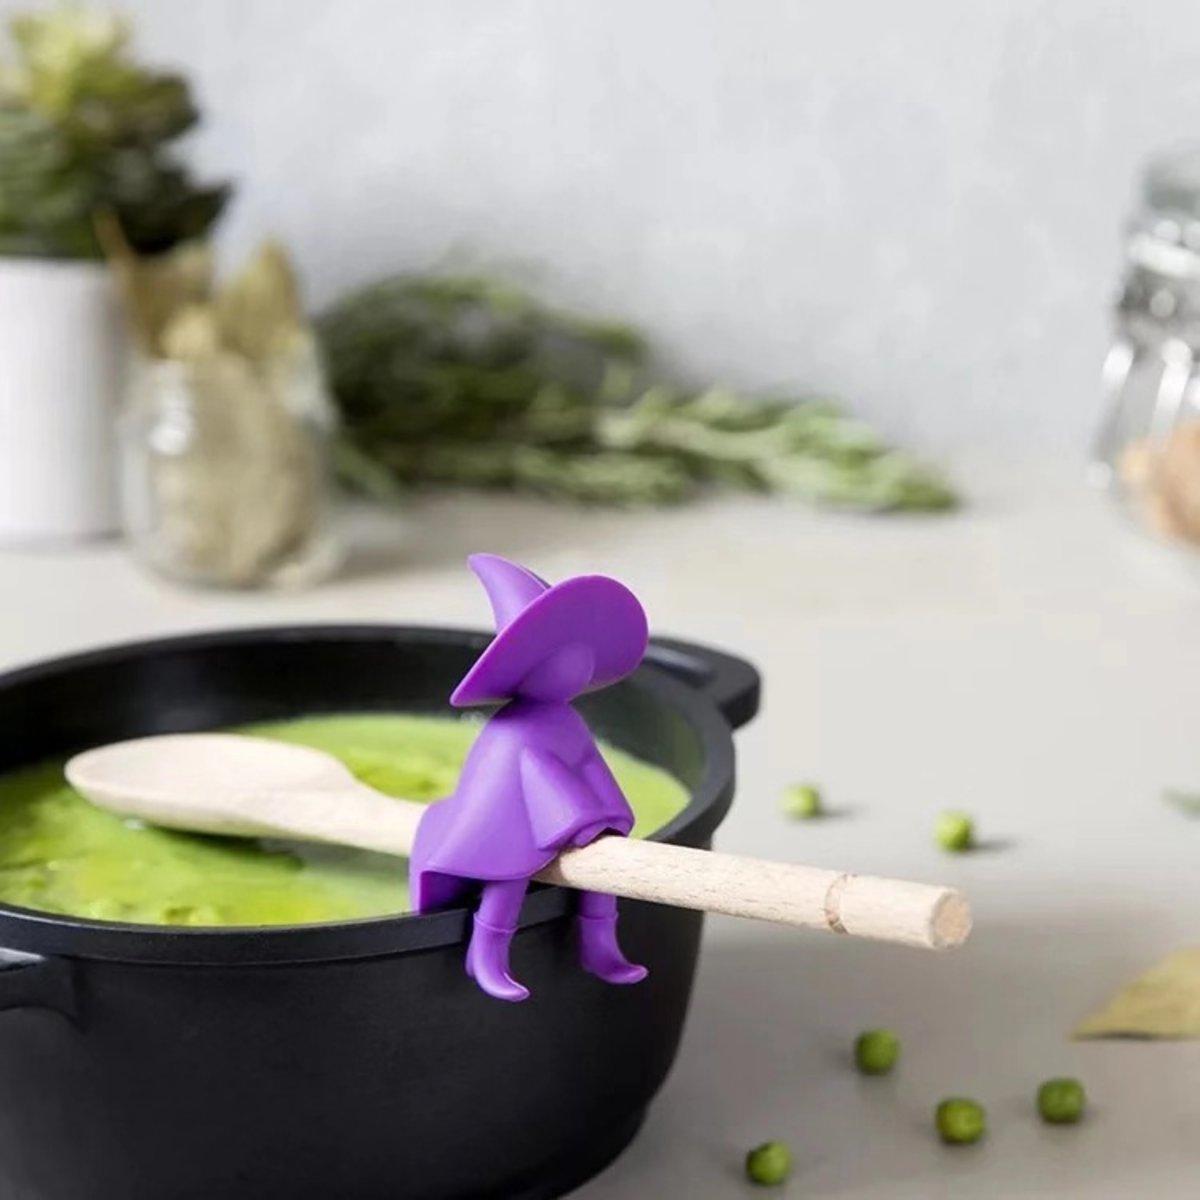 Witch kitchen gadget lid